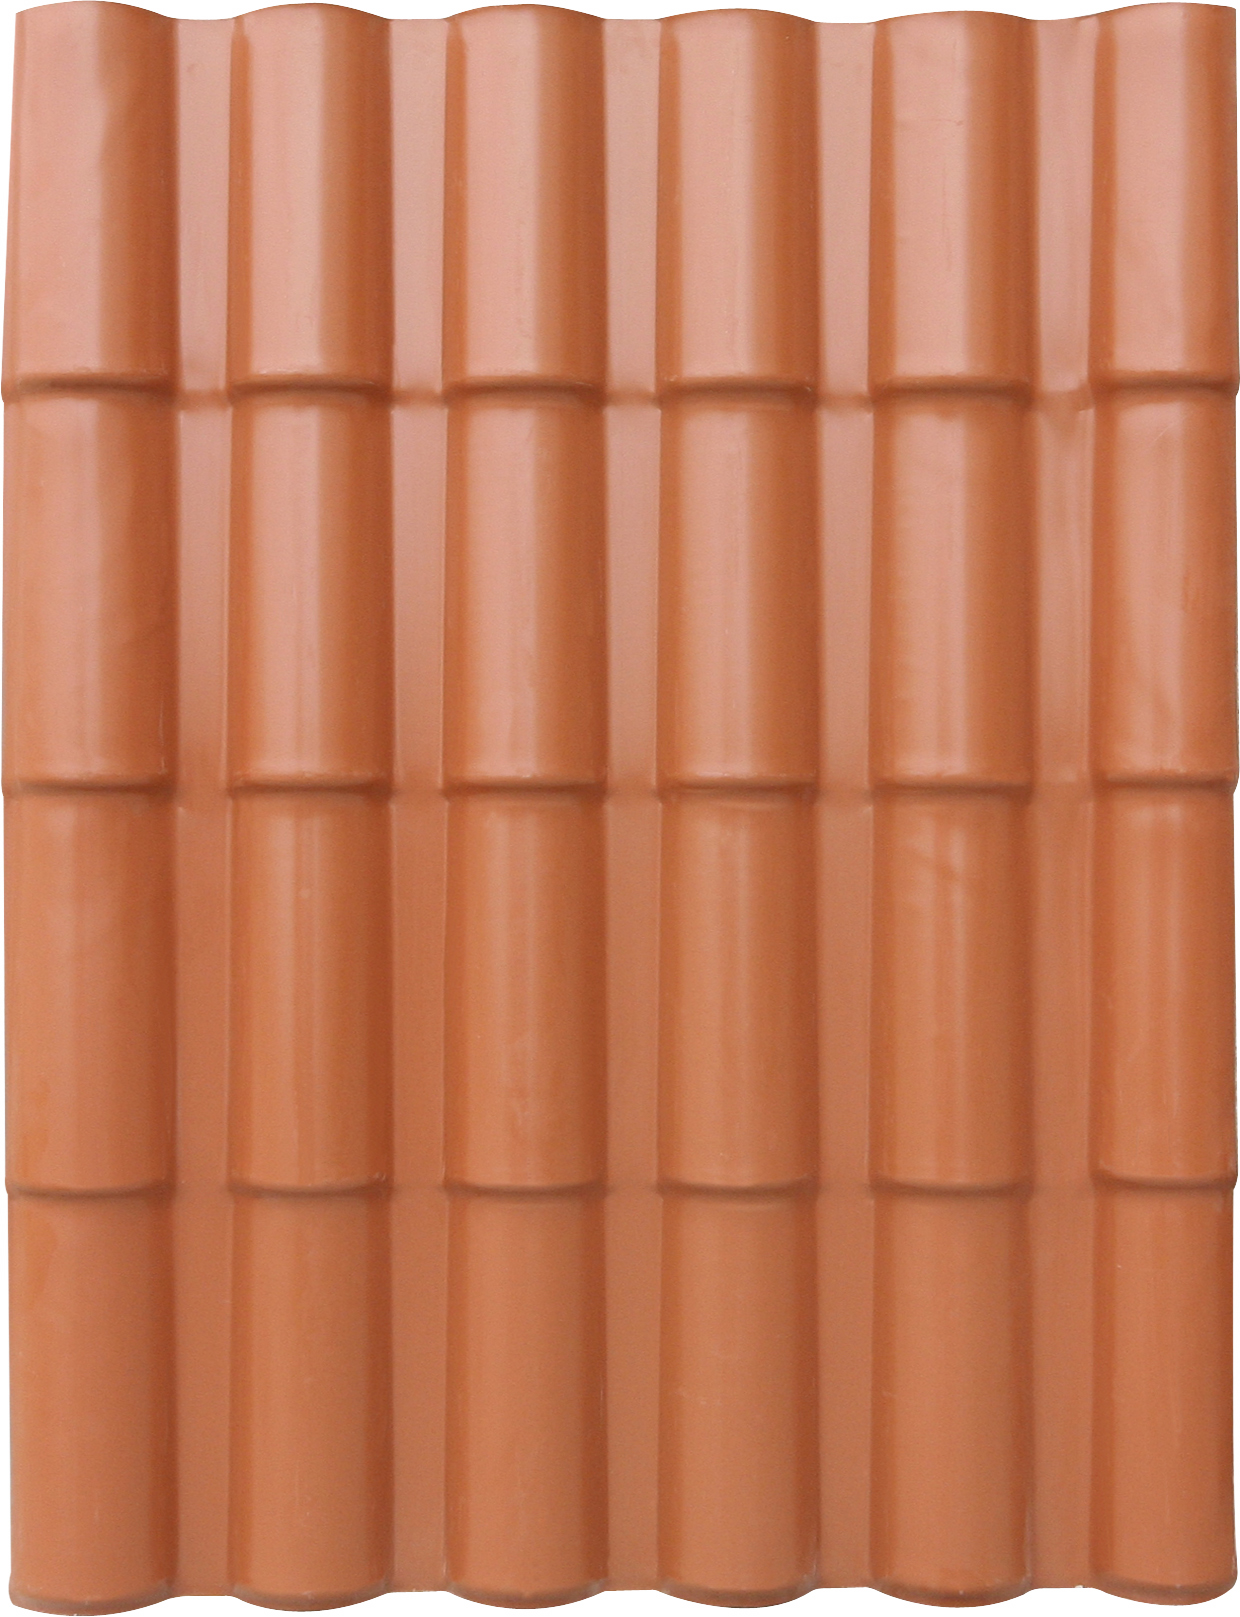 FRP Corrugated Lighting Sheet